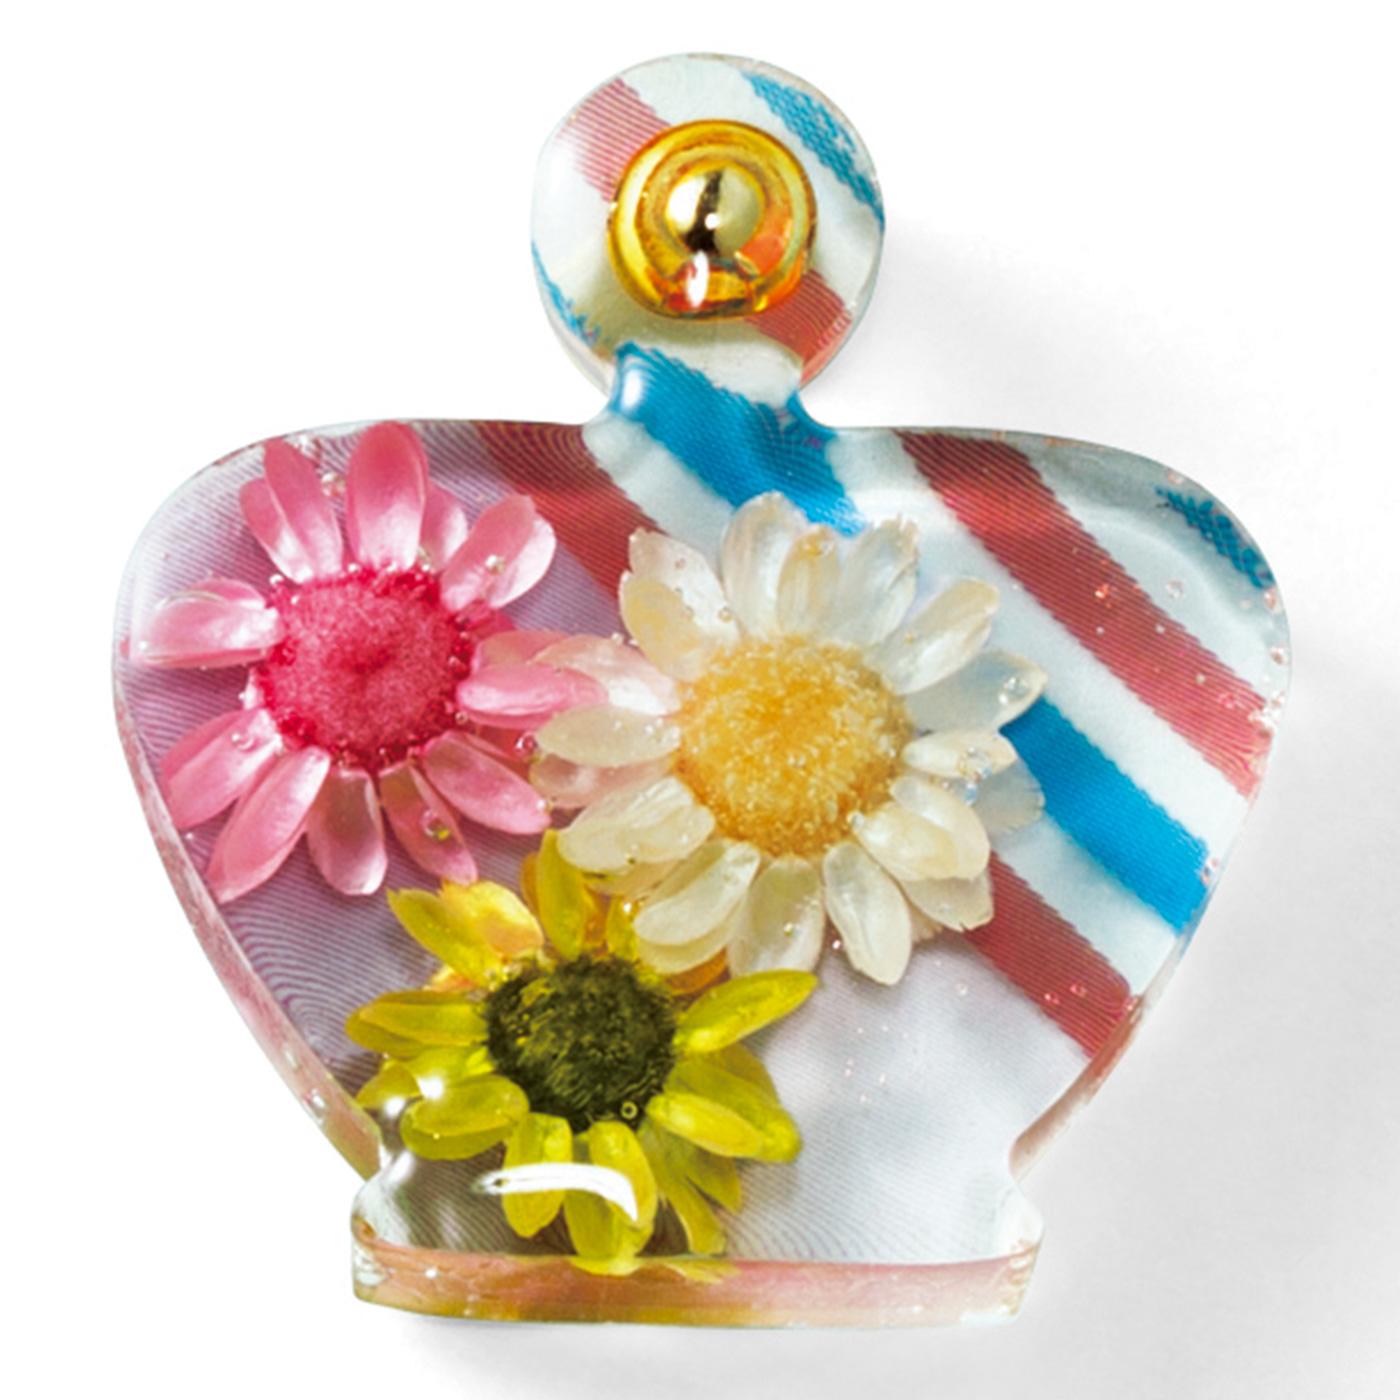 香水びん〈高貴な香りが漂う〉